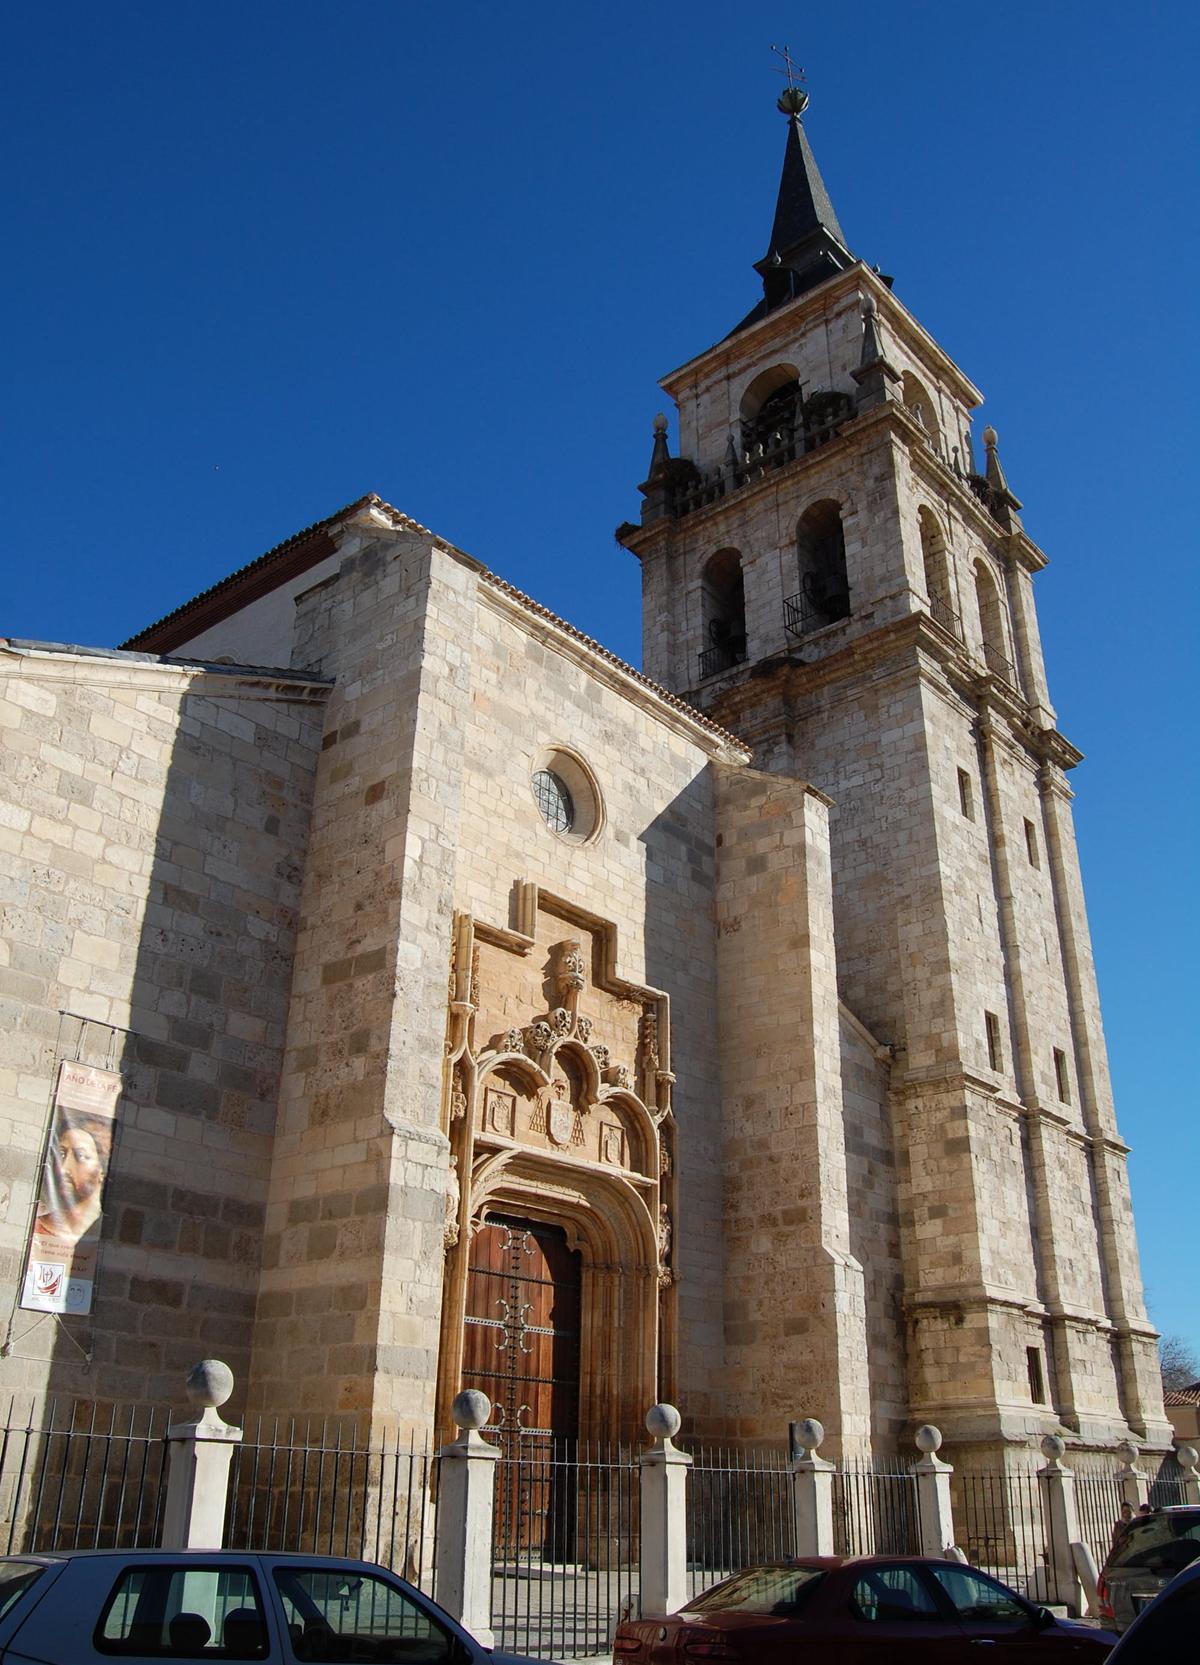 Catedral de los santos justo y pastor alcal de henares wikipedia la enciclopedia libre Arquitectura alcala de henares